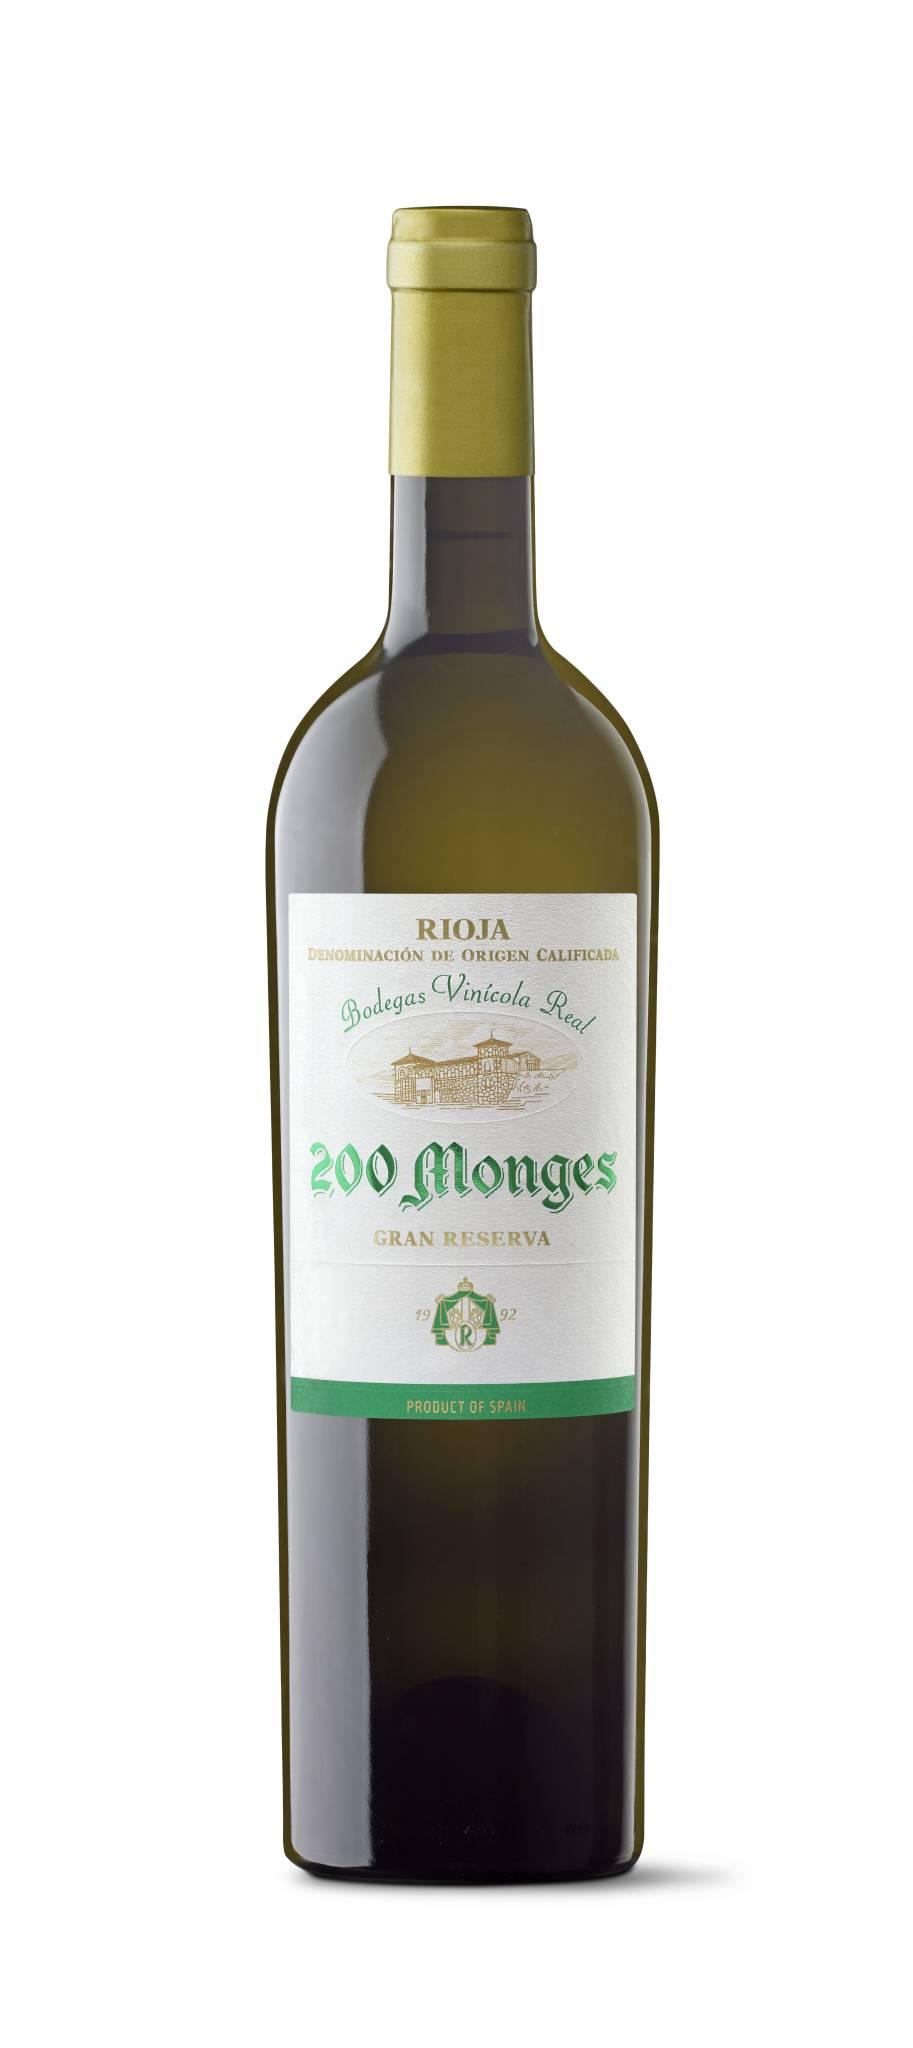 200 monges blanco: Probamos los vinos premium de Bodegas Vinícola Real 5